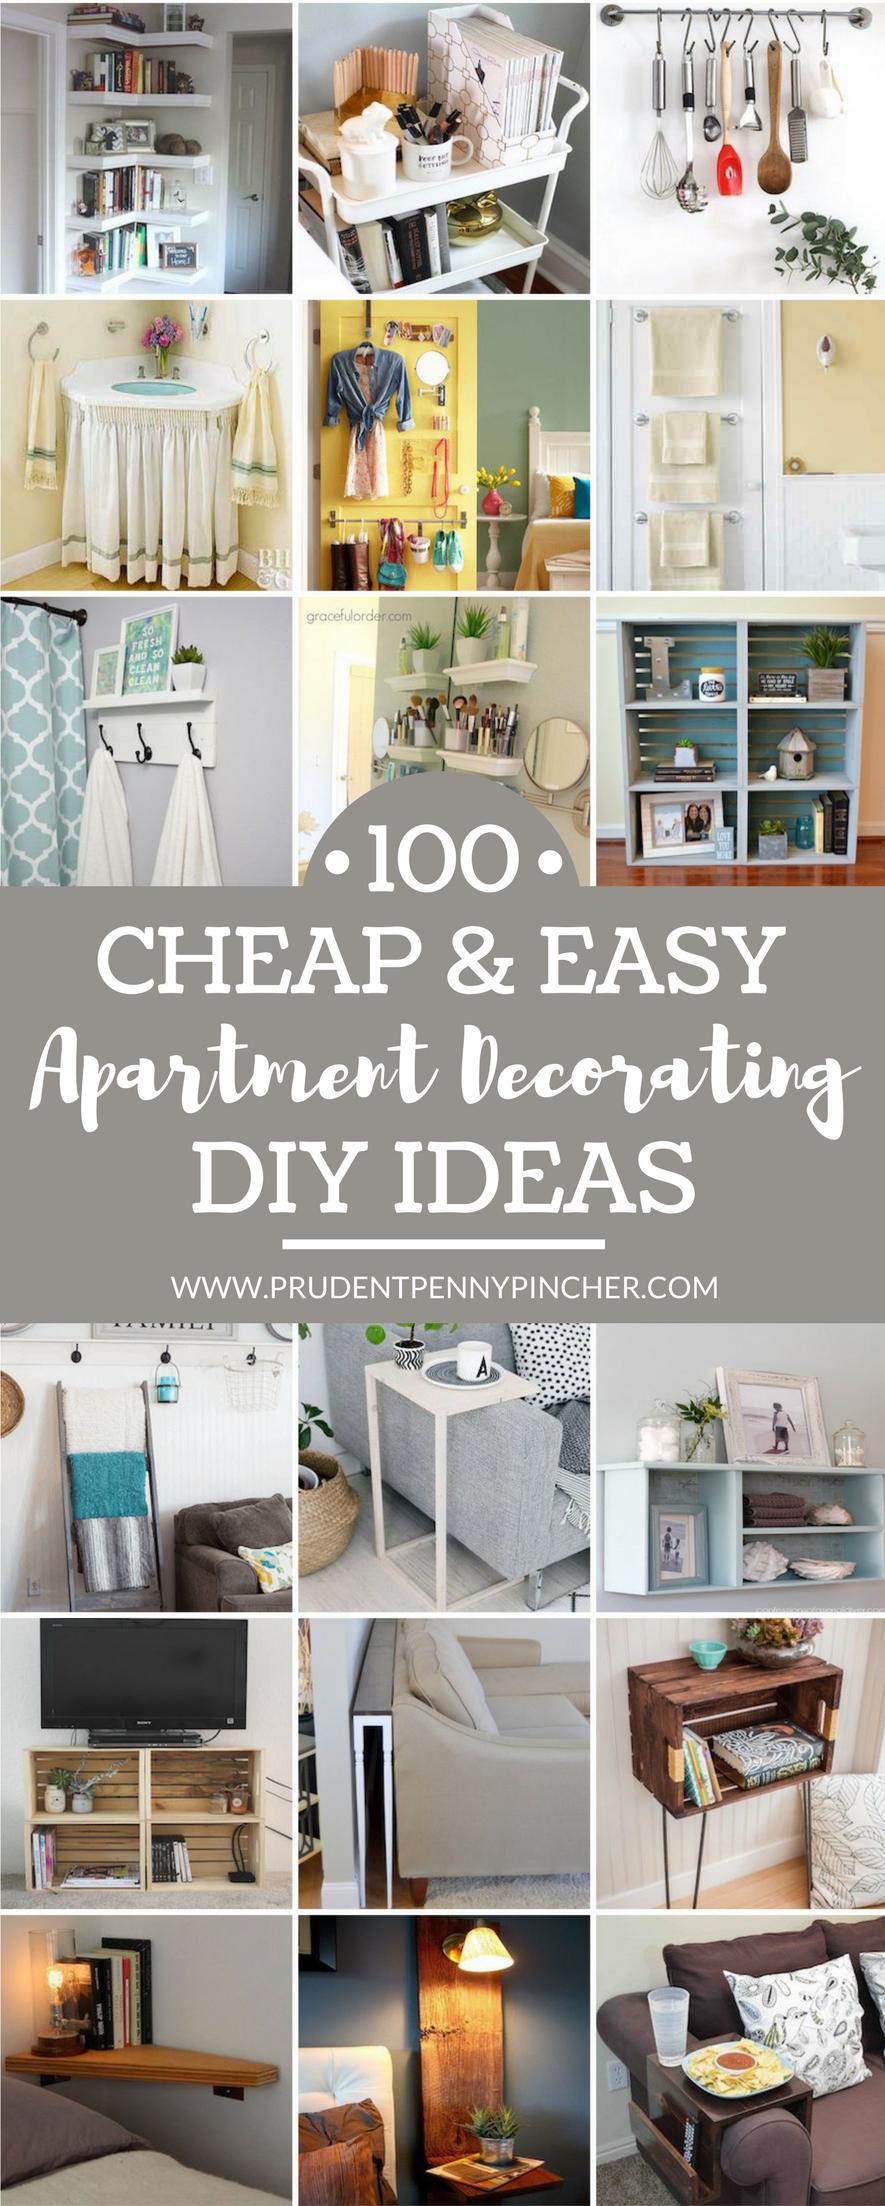 100 Diy Apartment Decorating Ideas